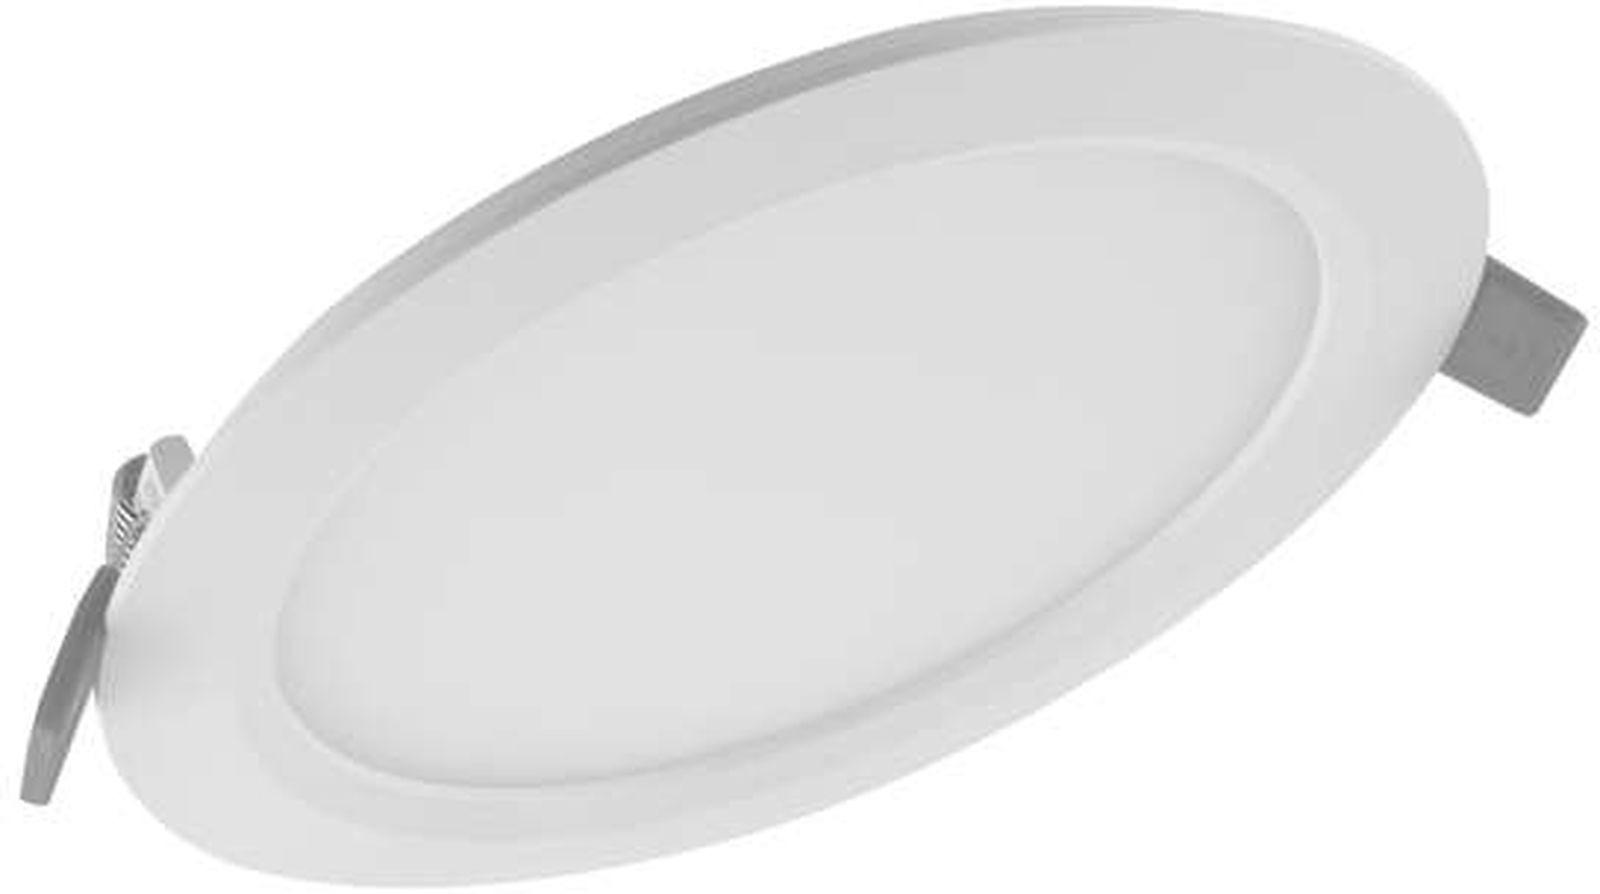 Встраиваемый светильник Ledvance Osram Downlight Slim DLR, 9 Вт, 540 Лм, 3000 К, Без цоколя недорго, оригинальная цена